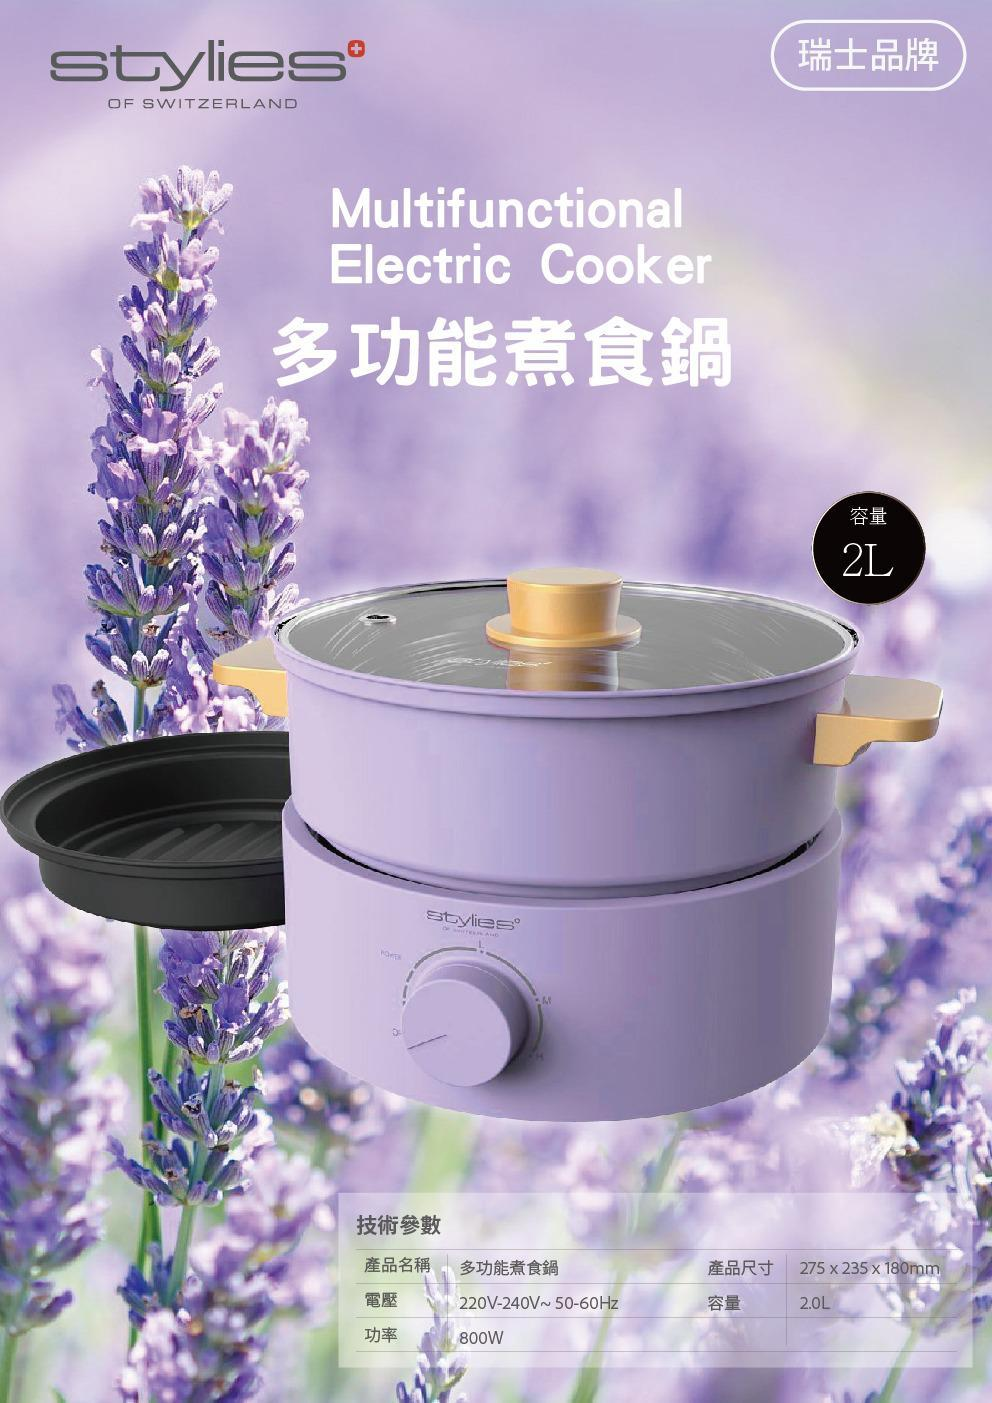 瑞士品牌STYLIES 多功能煮食鍋